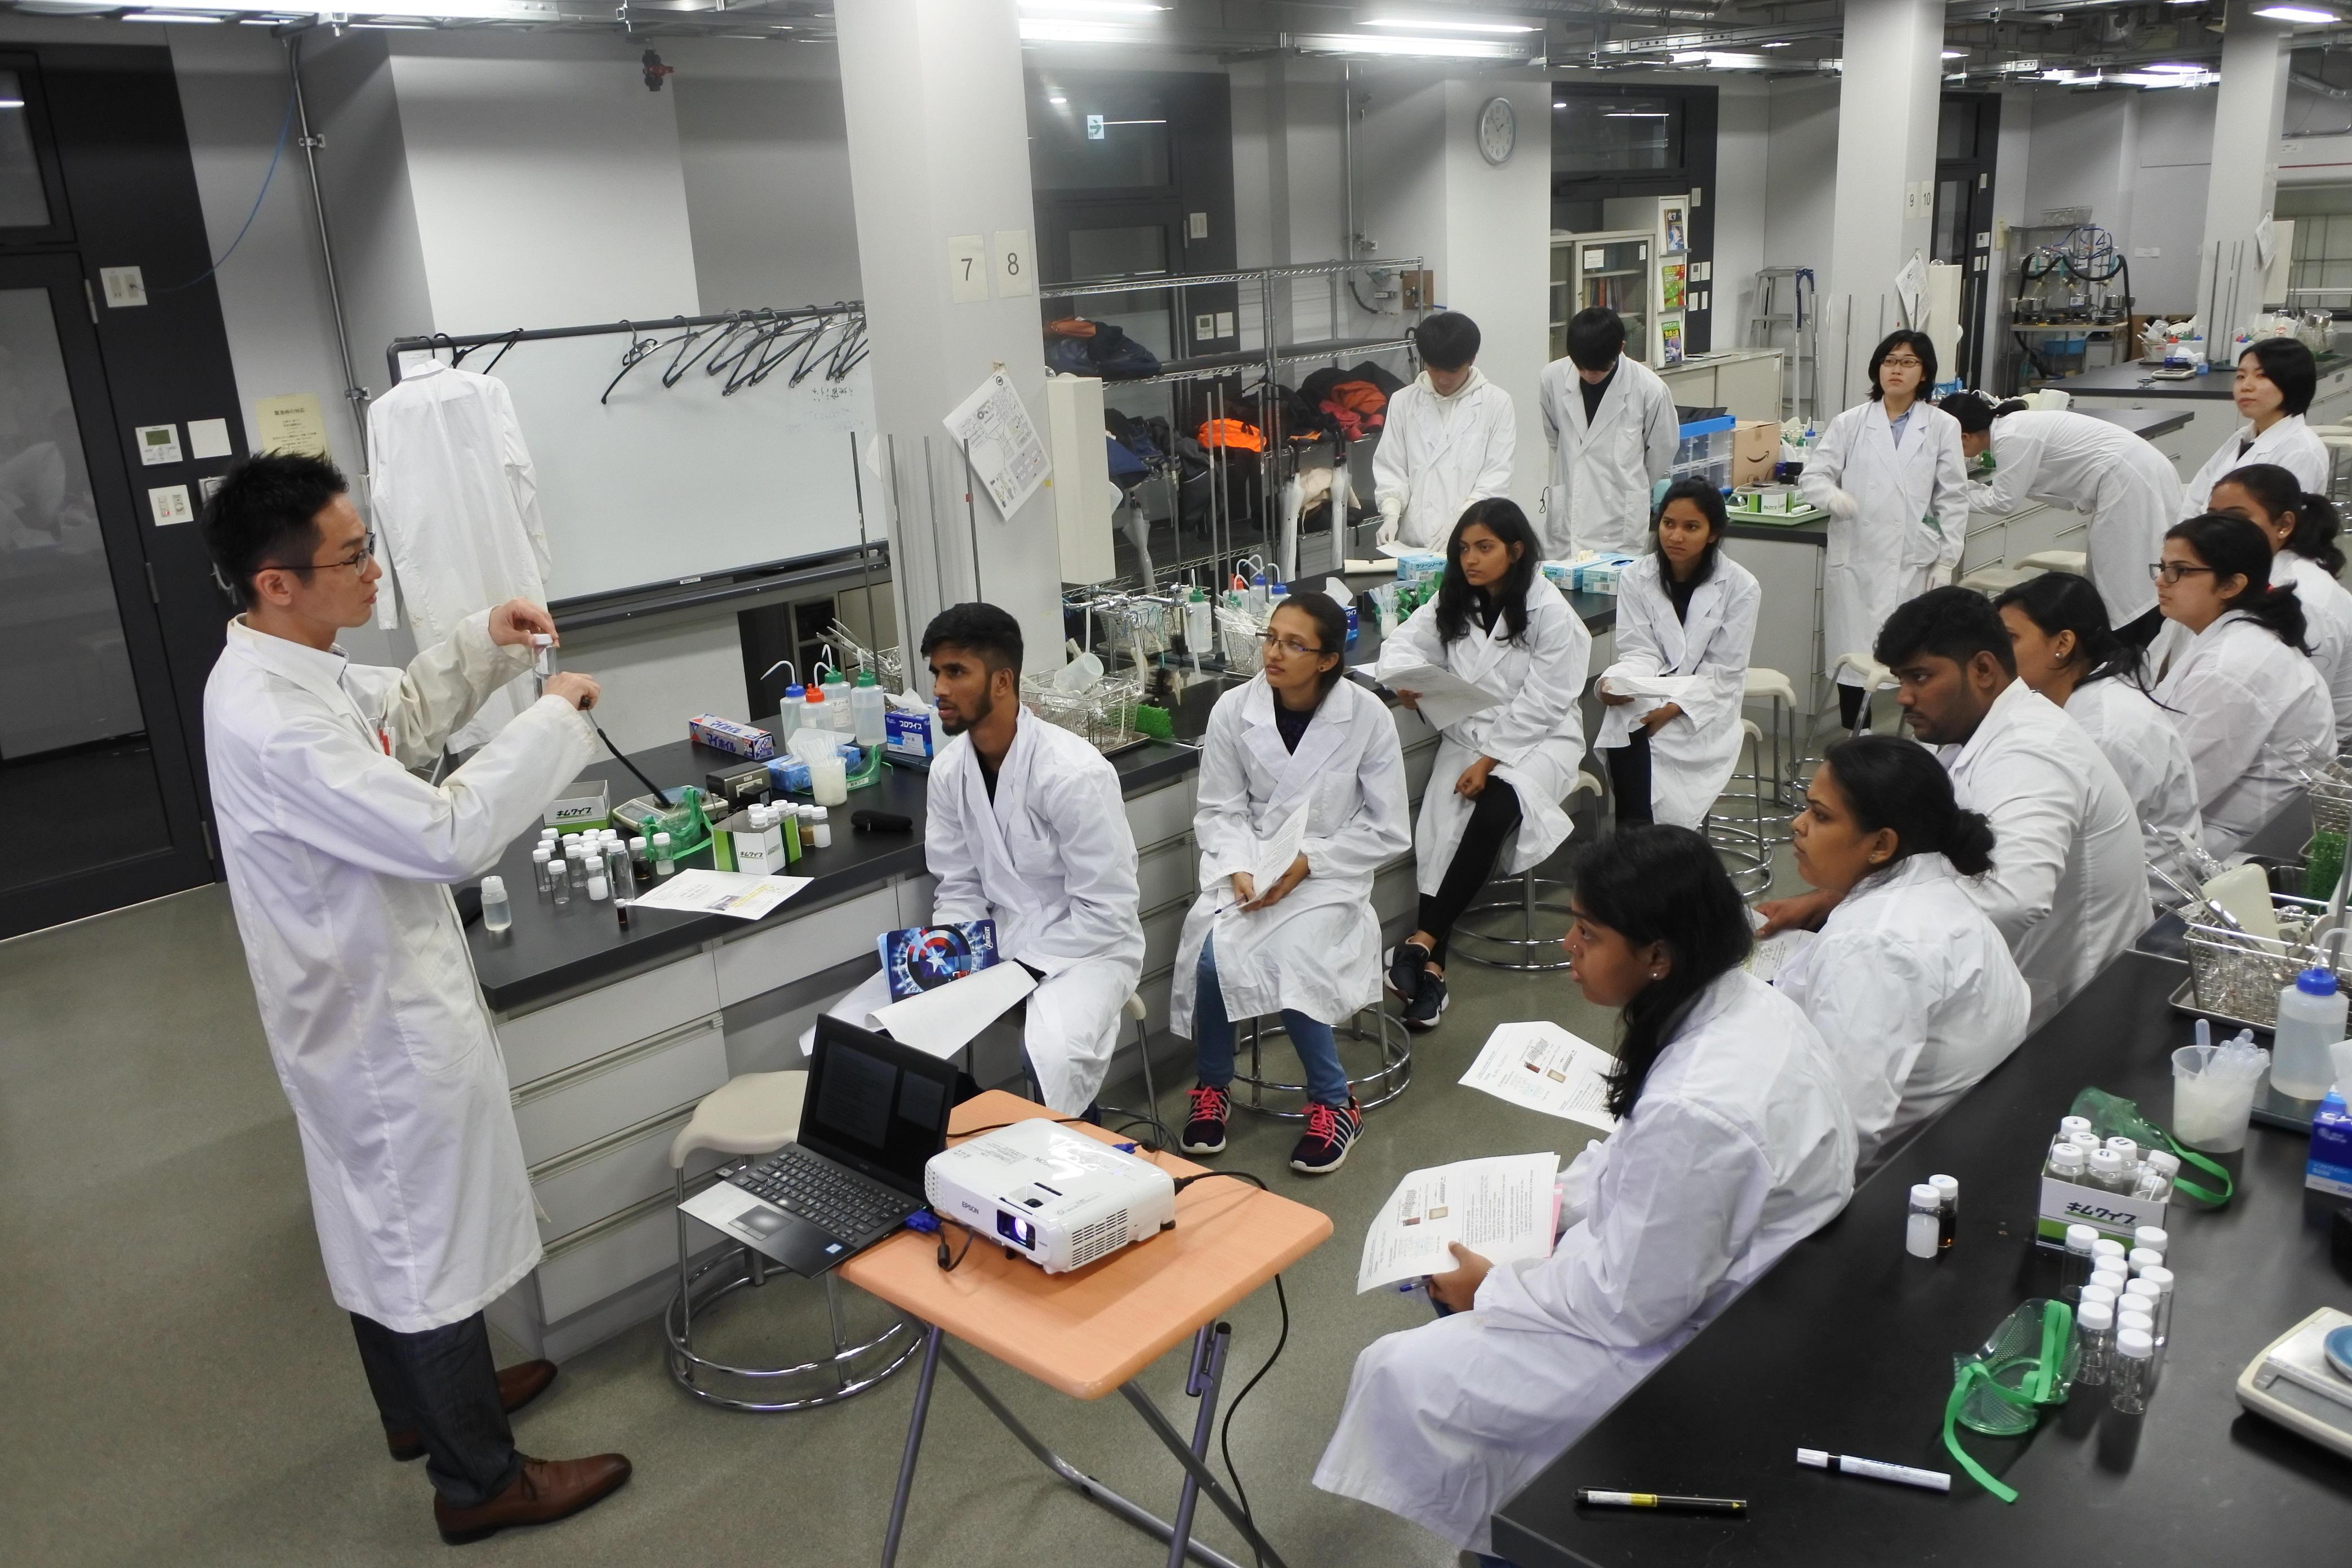 ナノ粒子の模擬実験を前に説明する才田准教授